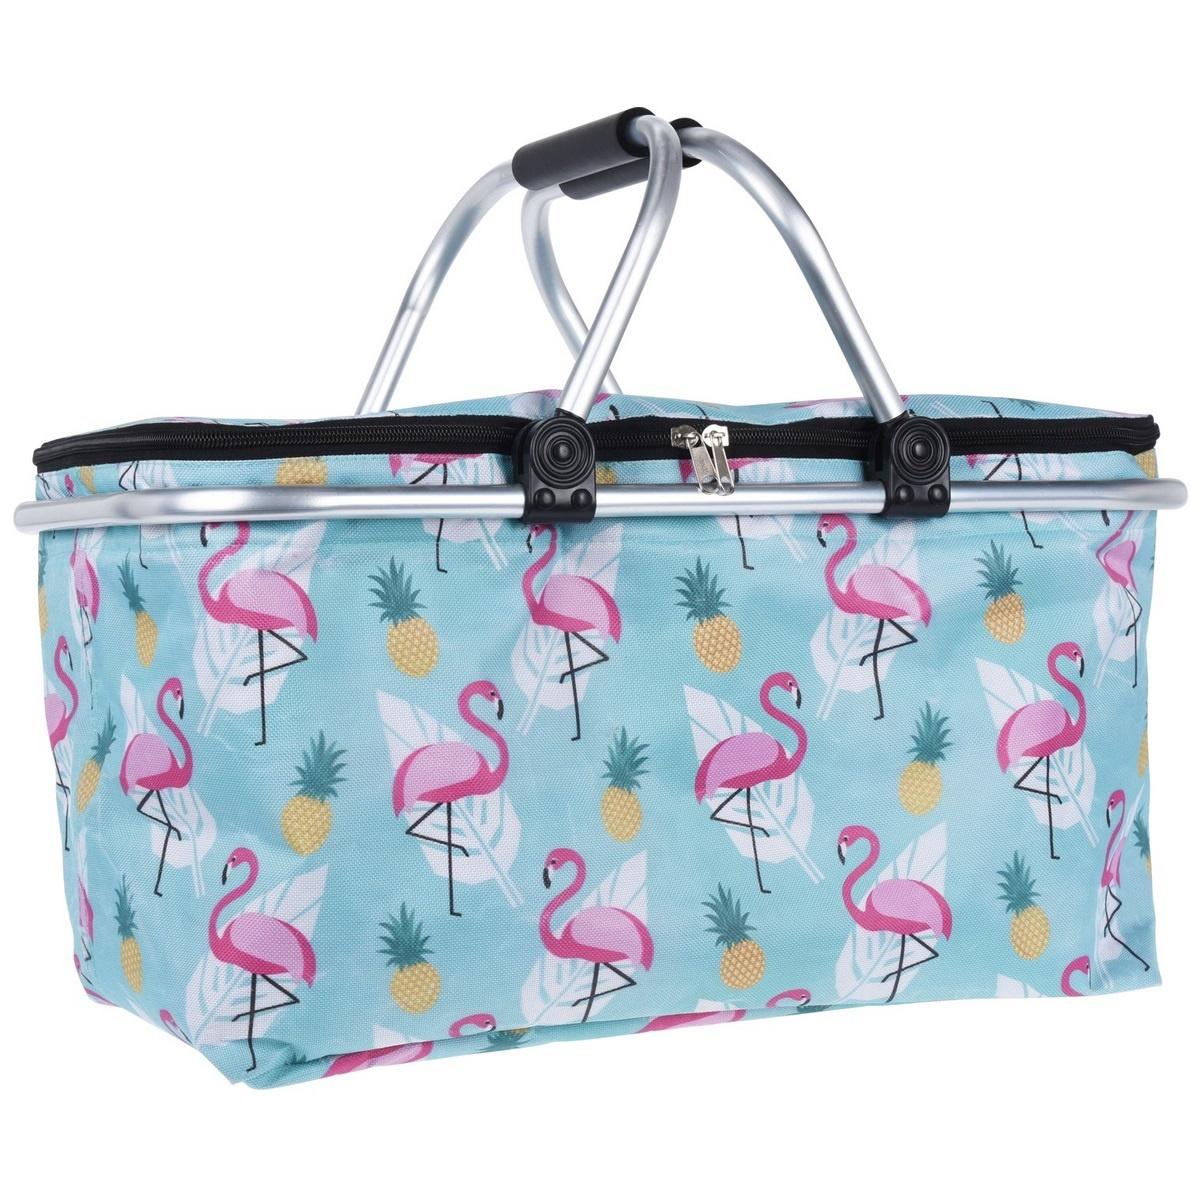 Koopman Chladicí nákupní košík Flamingoes, 48 x 28 x 24 cm